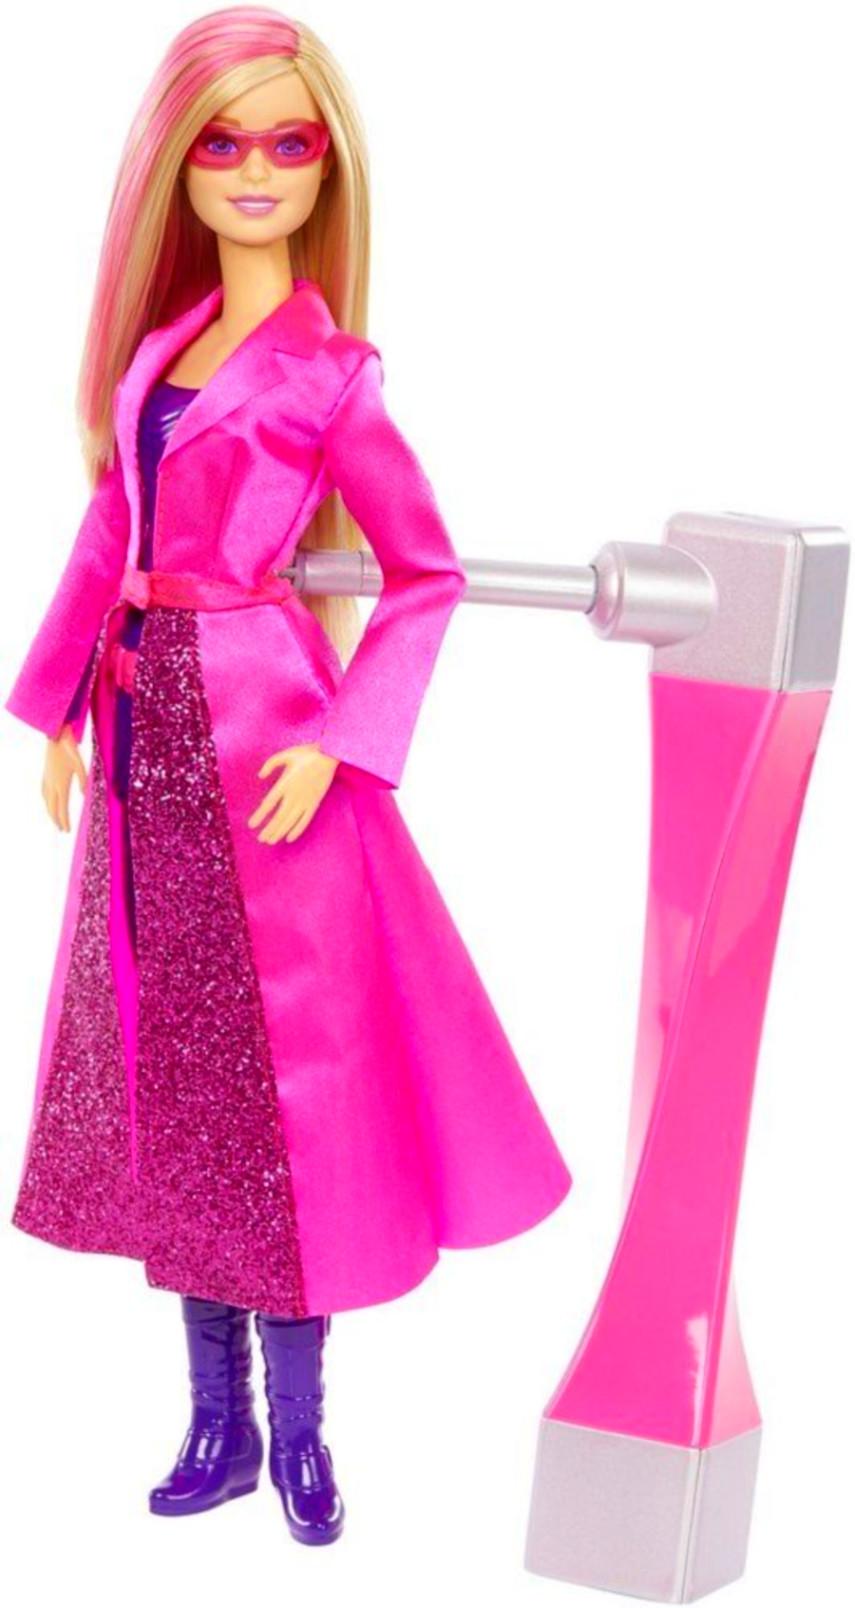 barbie spy squad secret agent doll ebay. Black Bedroom Furniture Sets. Home Design Ideas